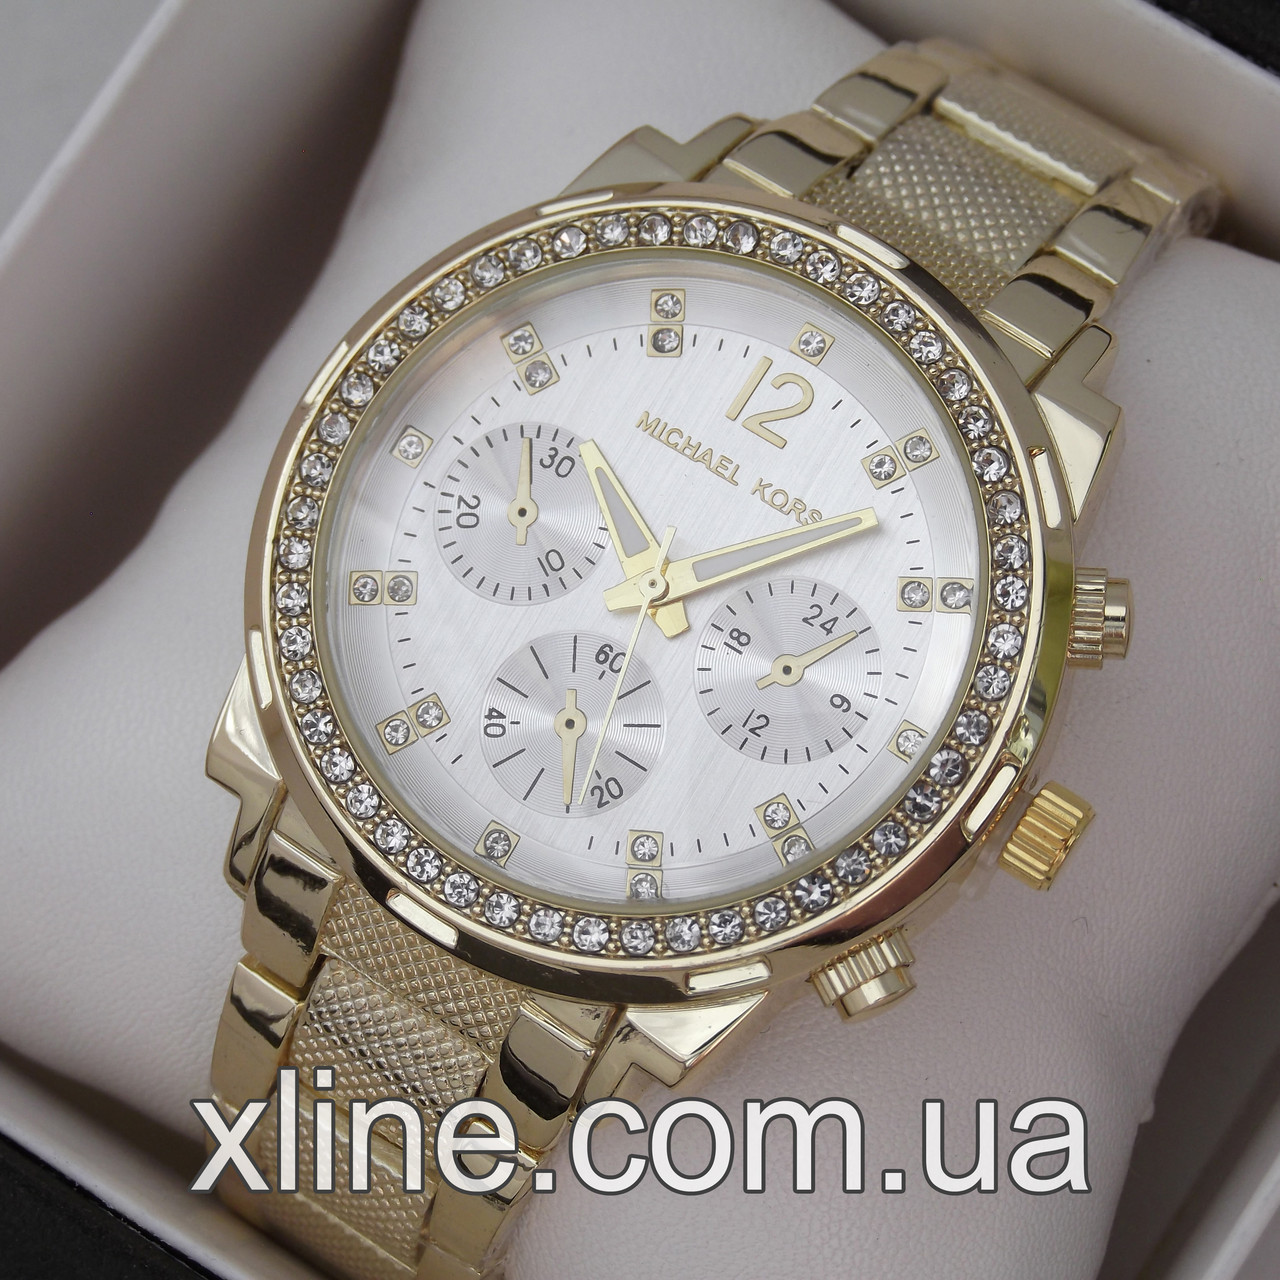 a581e200 Женские наручные часы Michael Kors MK-075 на металлическом браслете ...